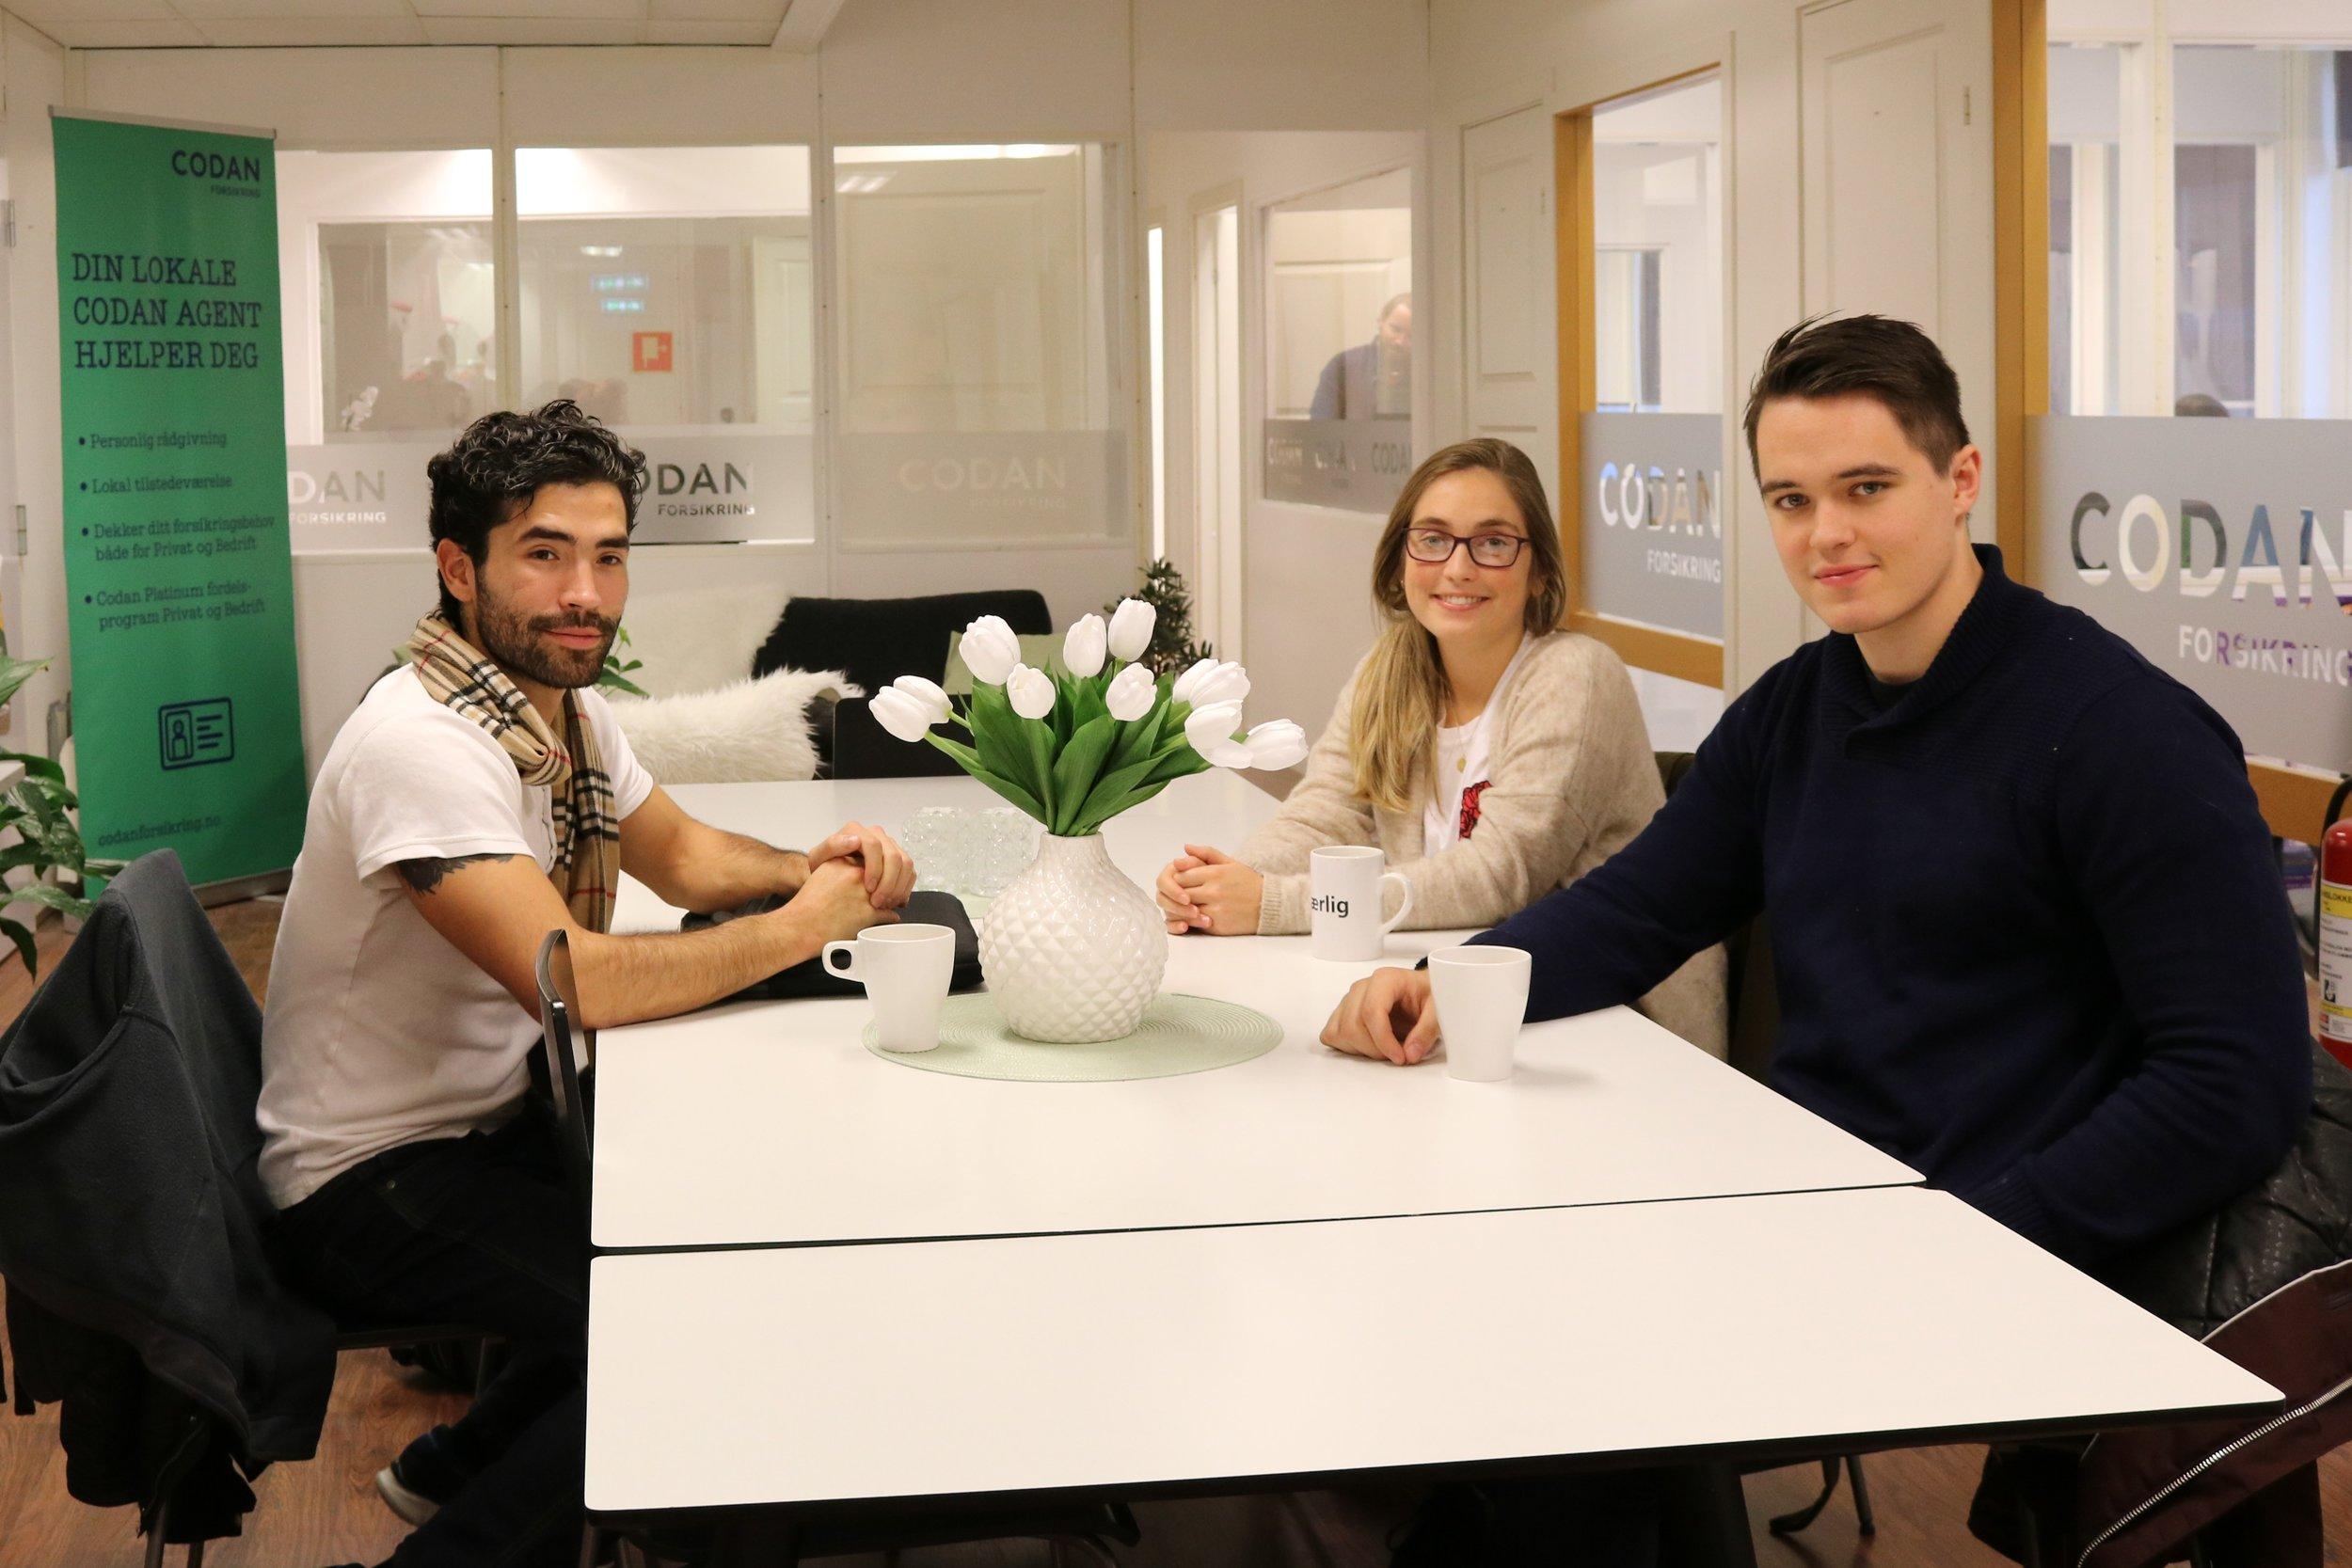 Christopher, Marte og Mathias var veldig interessert i å lære mer om å være forsikringsrådgiver.